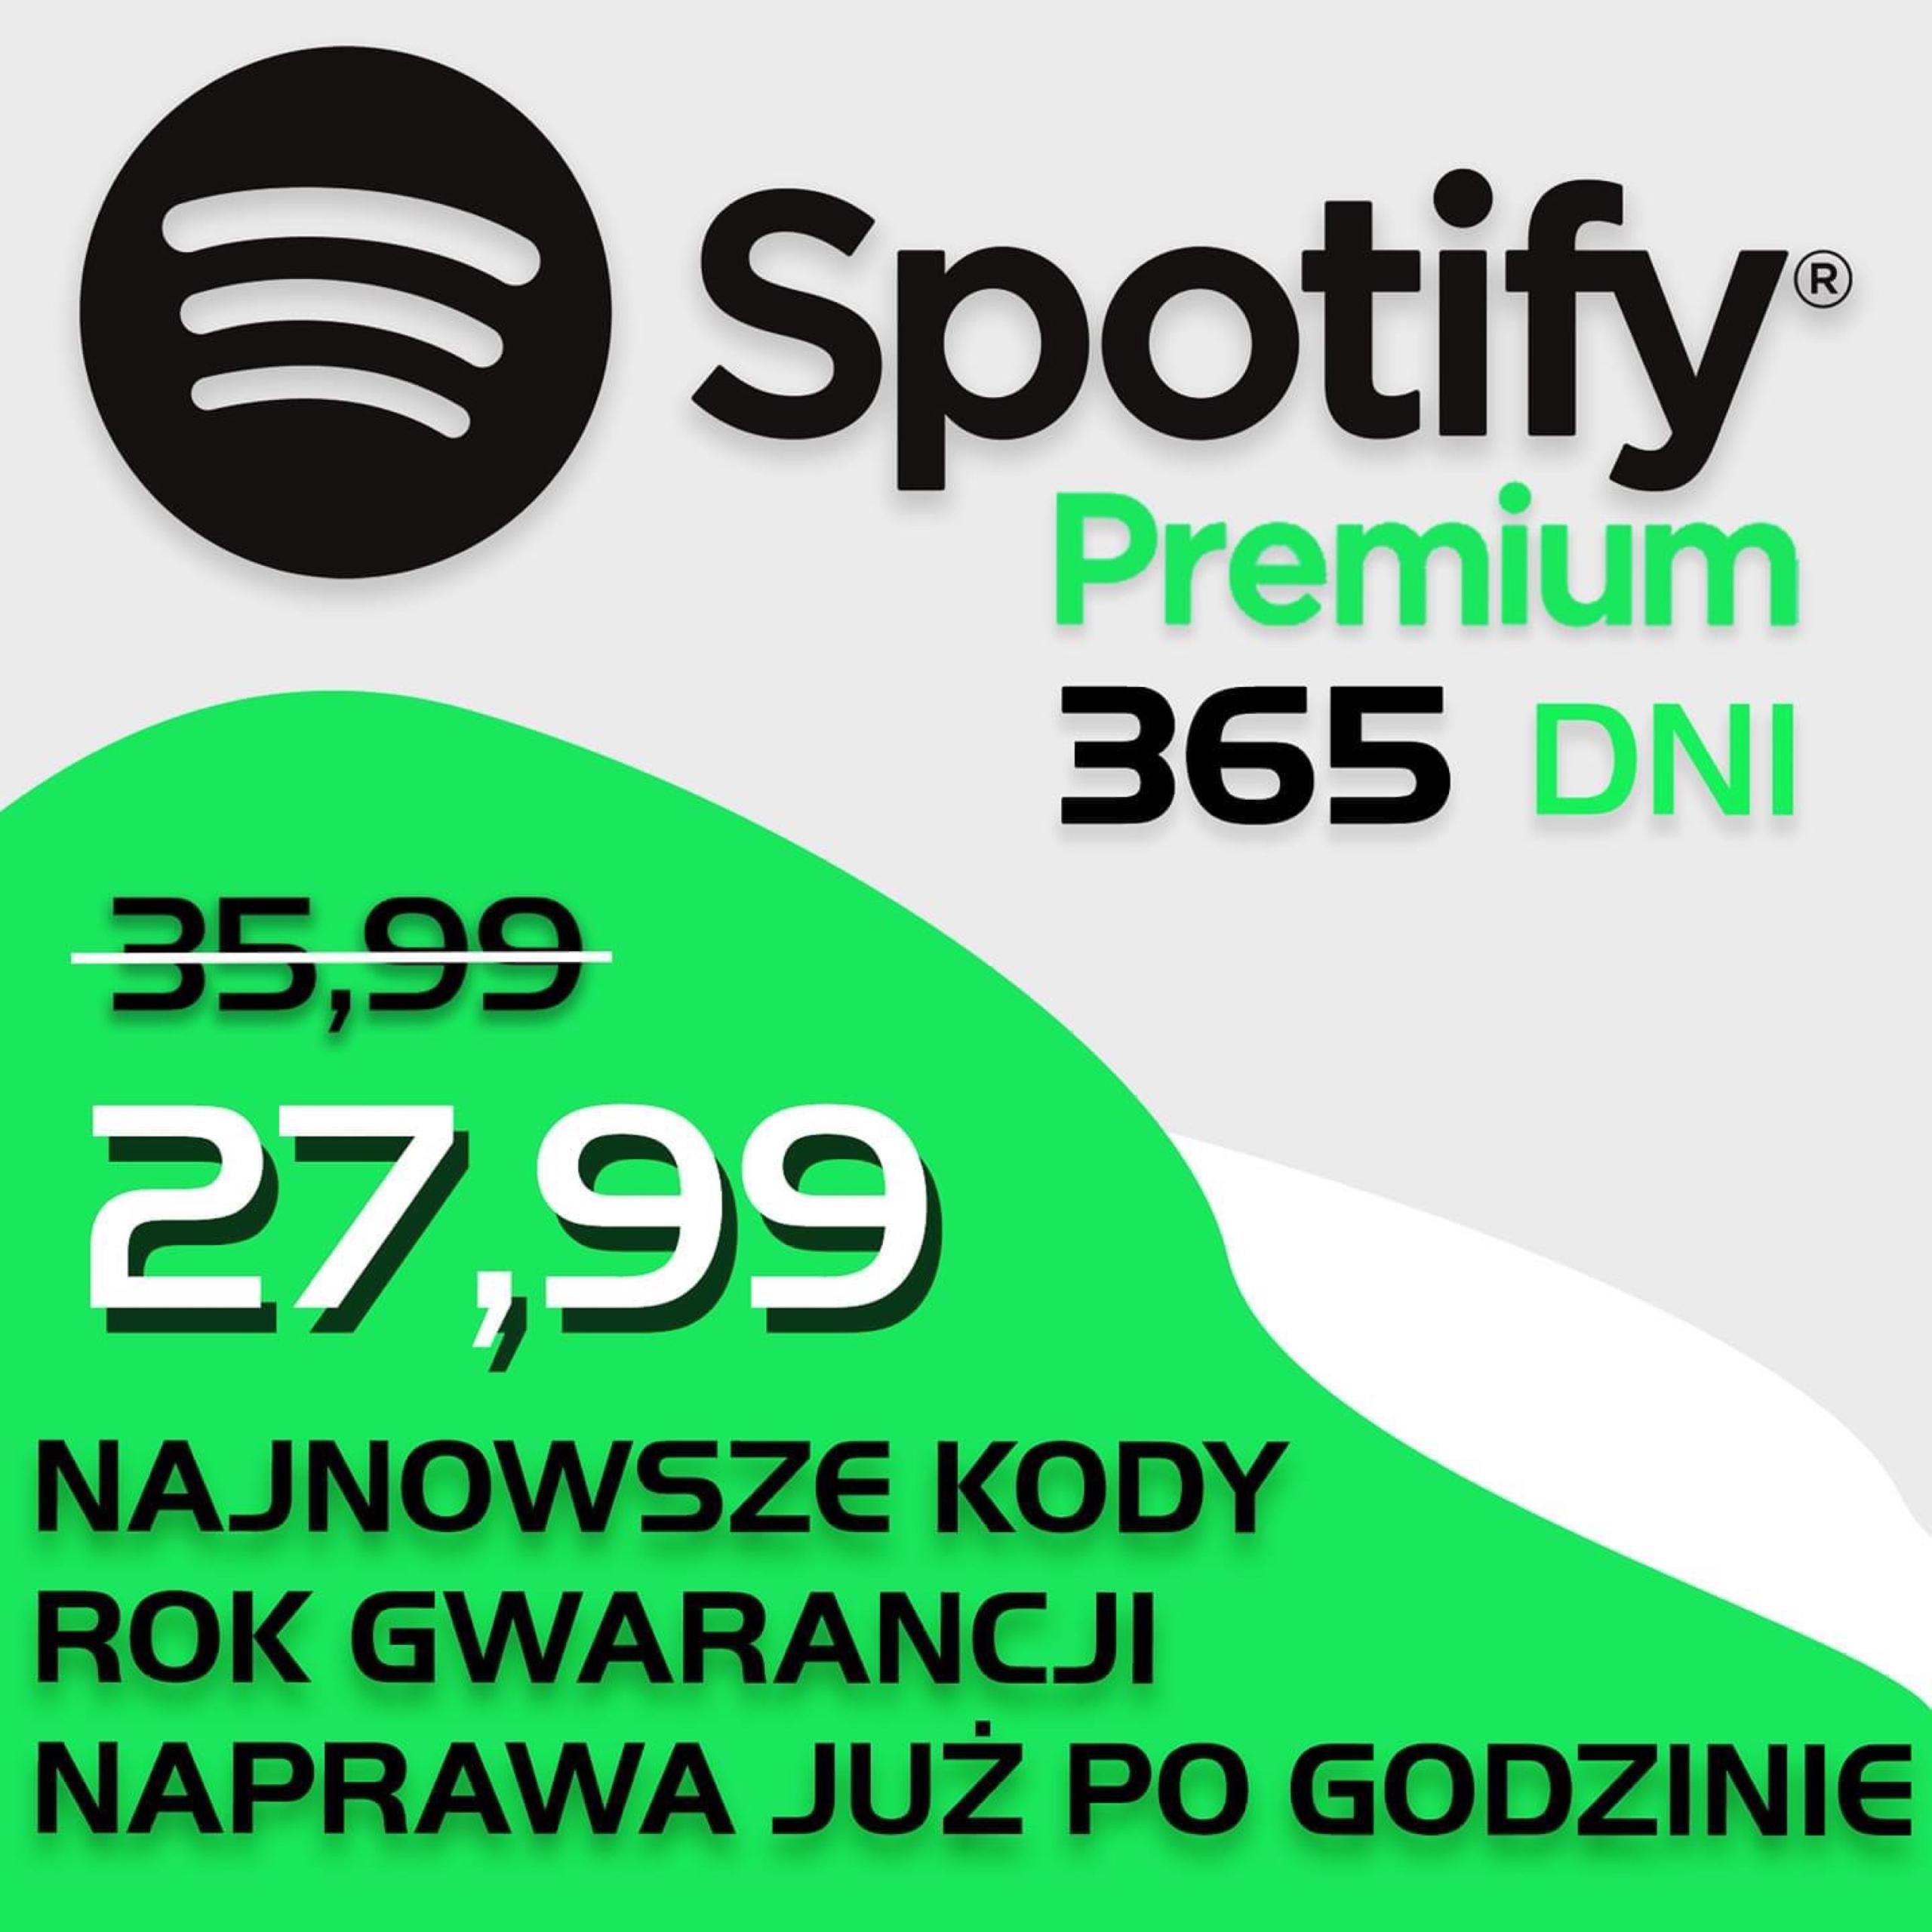 Spotify Premium 1 Rok 365 Dni Ulepszenie Konta Kup Teraz Za 27 99 Zl Lubon Allegro Lokalnie